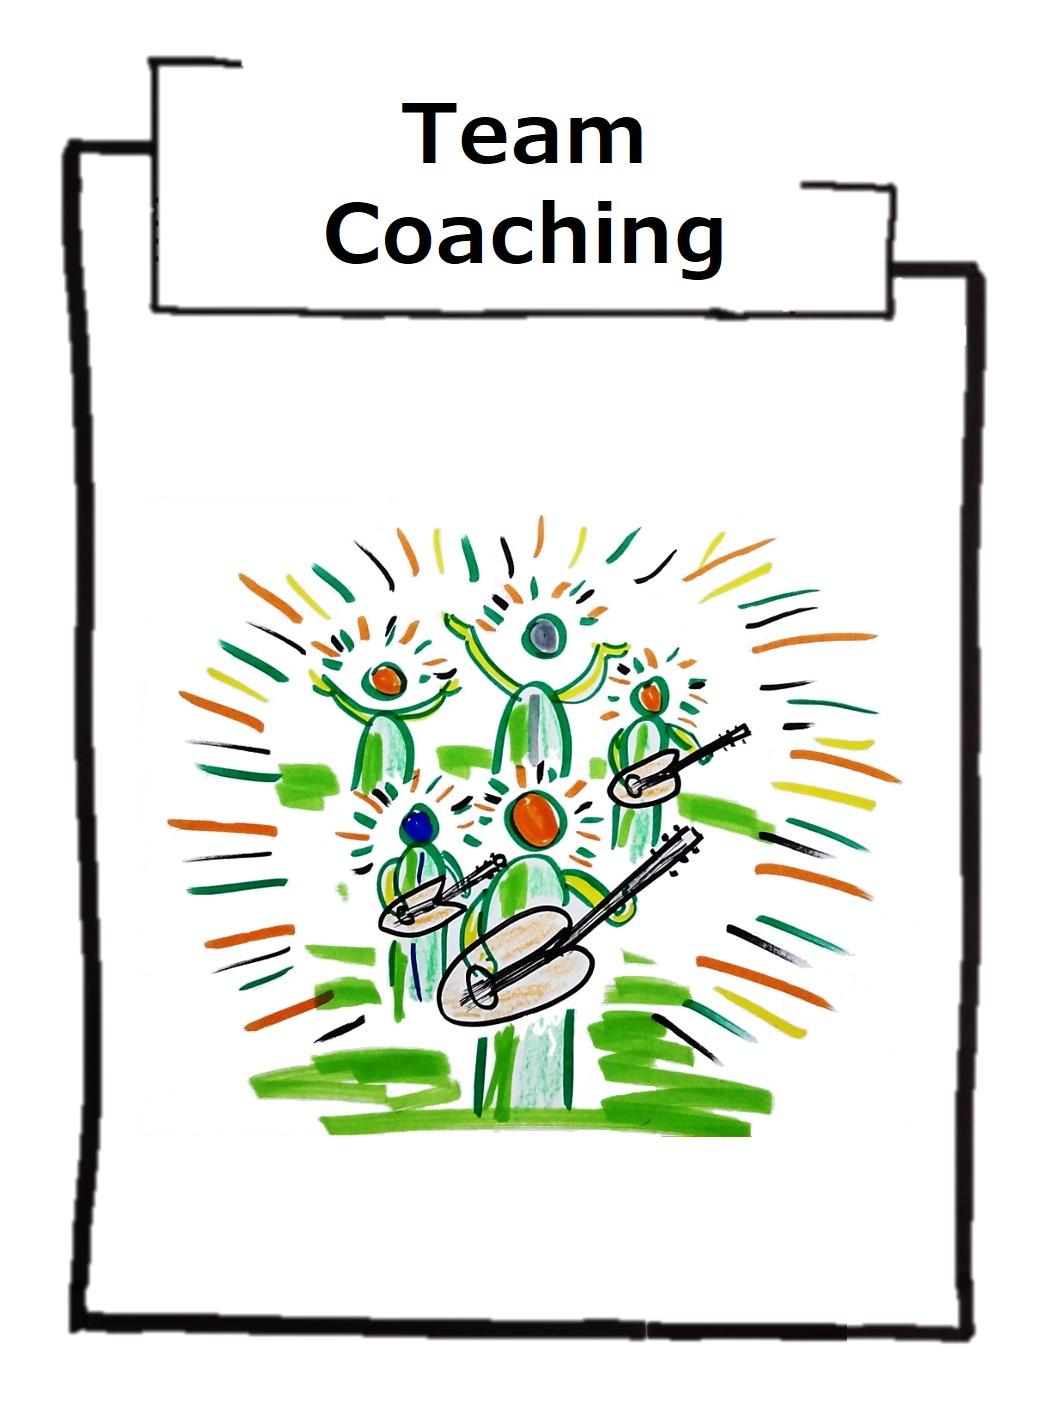 Das Teamcoaching ist intensiver als ein Teamworkshop, geht auch in die Tiefen der Persönlichkeit eines jeden Einzelnen und fördert so die gegenseitige Wertschätzung